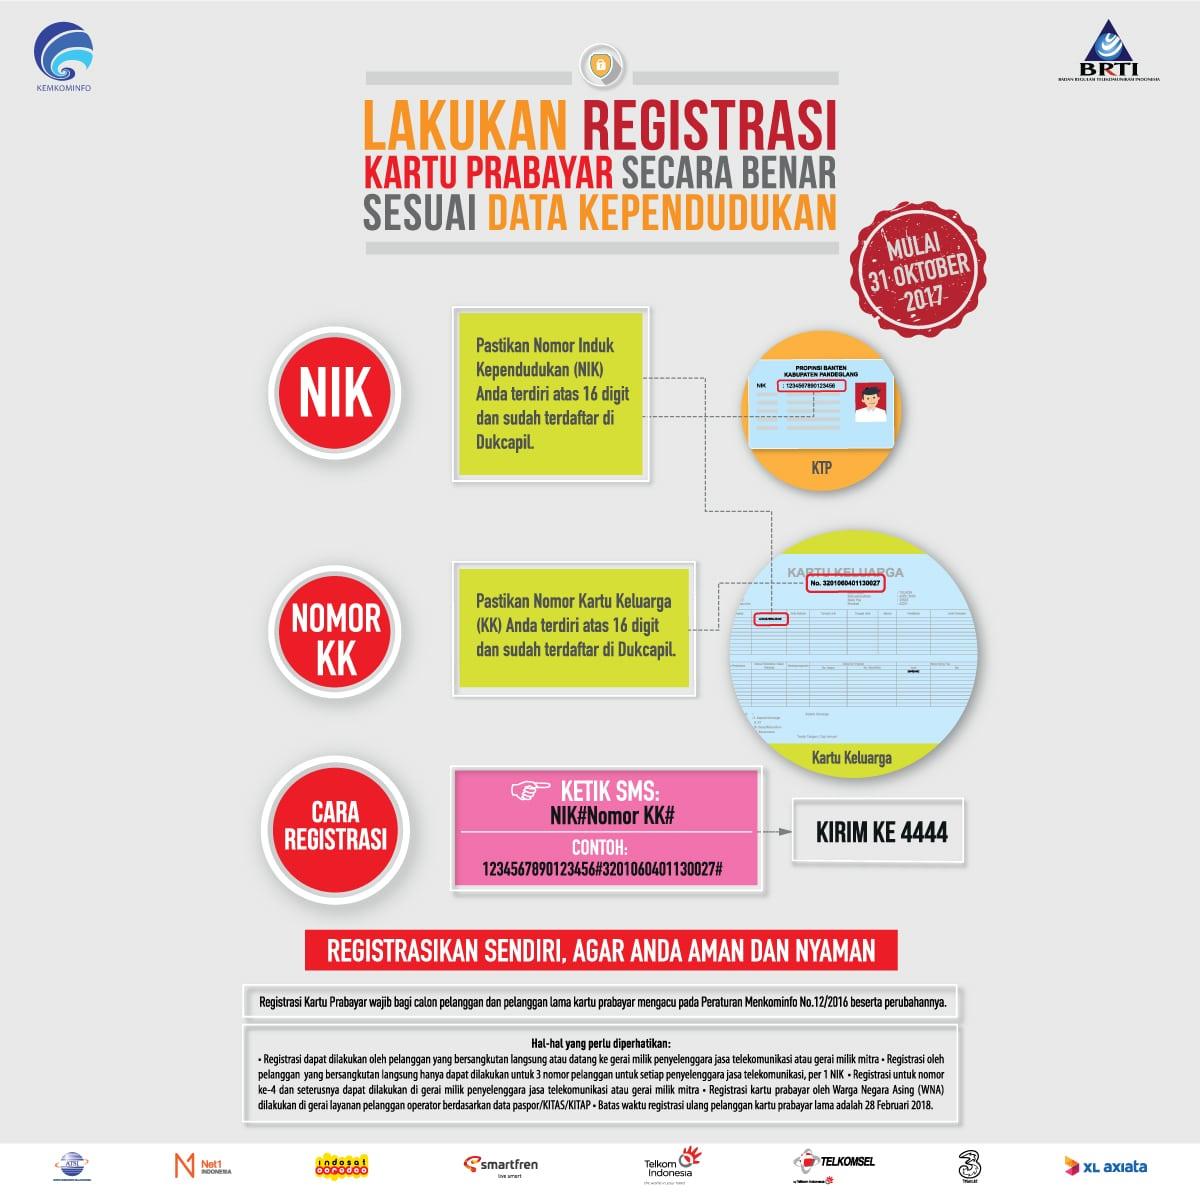 Registrasi kartu SIM melalui SMS ke 4444 untuk semua operator